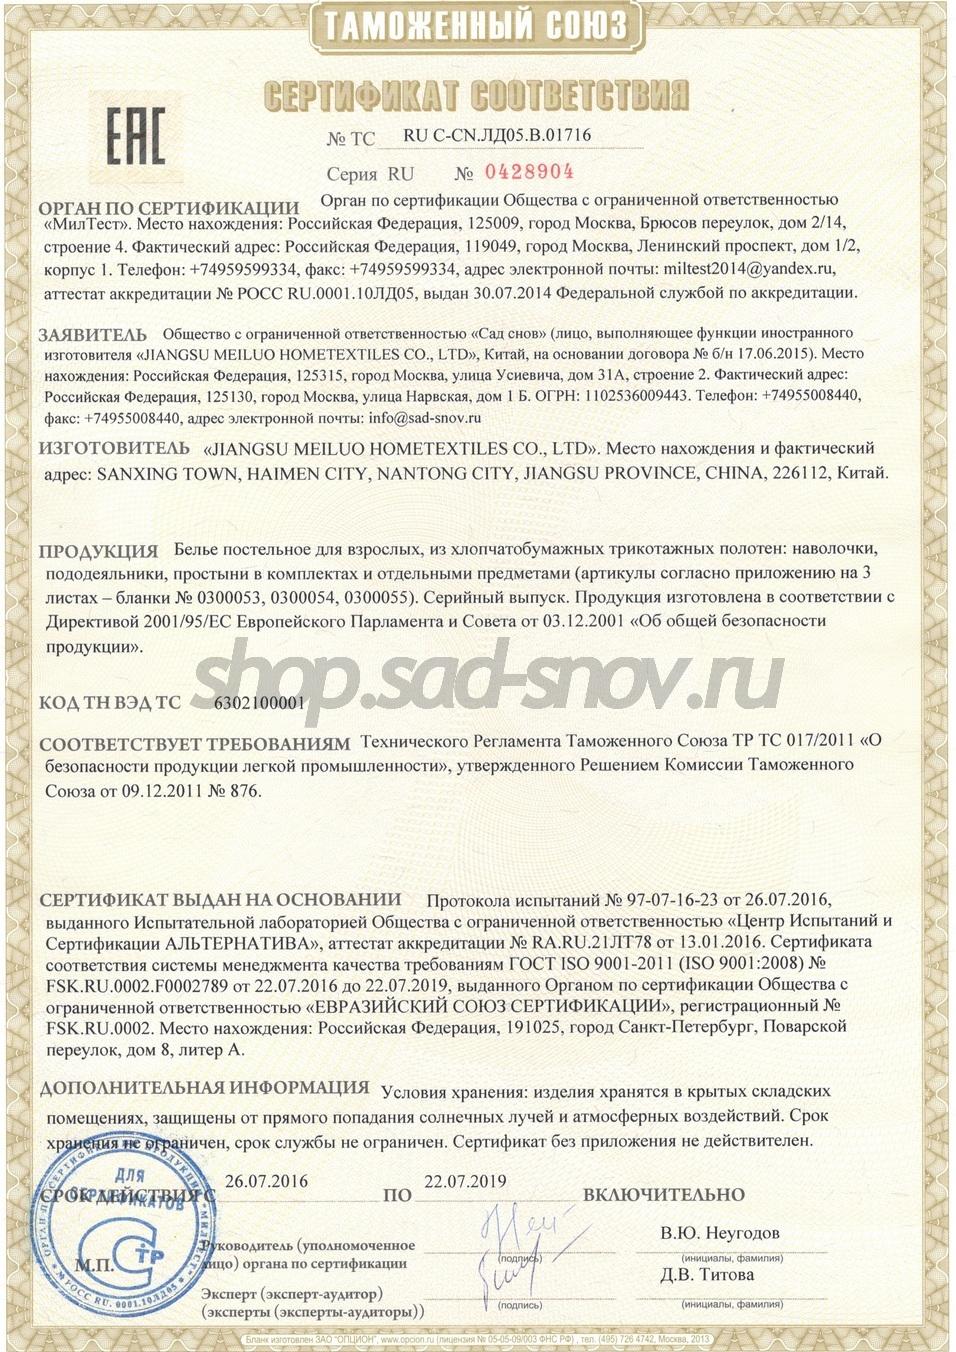 СадСнов Сертификат Соответствия Таможенный Союз